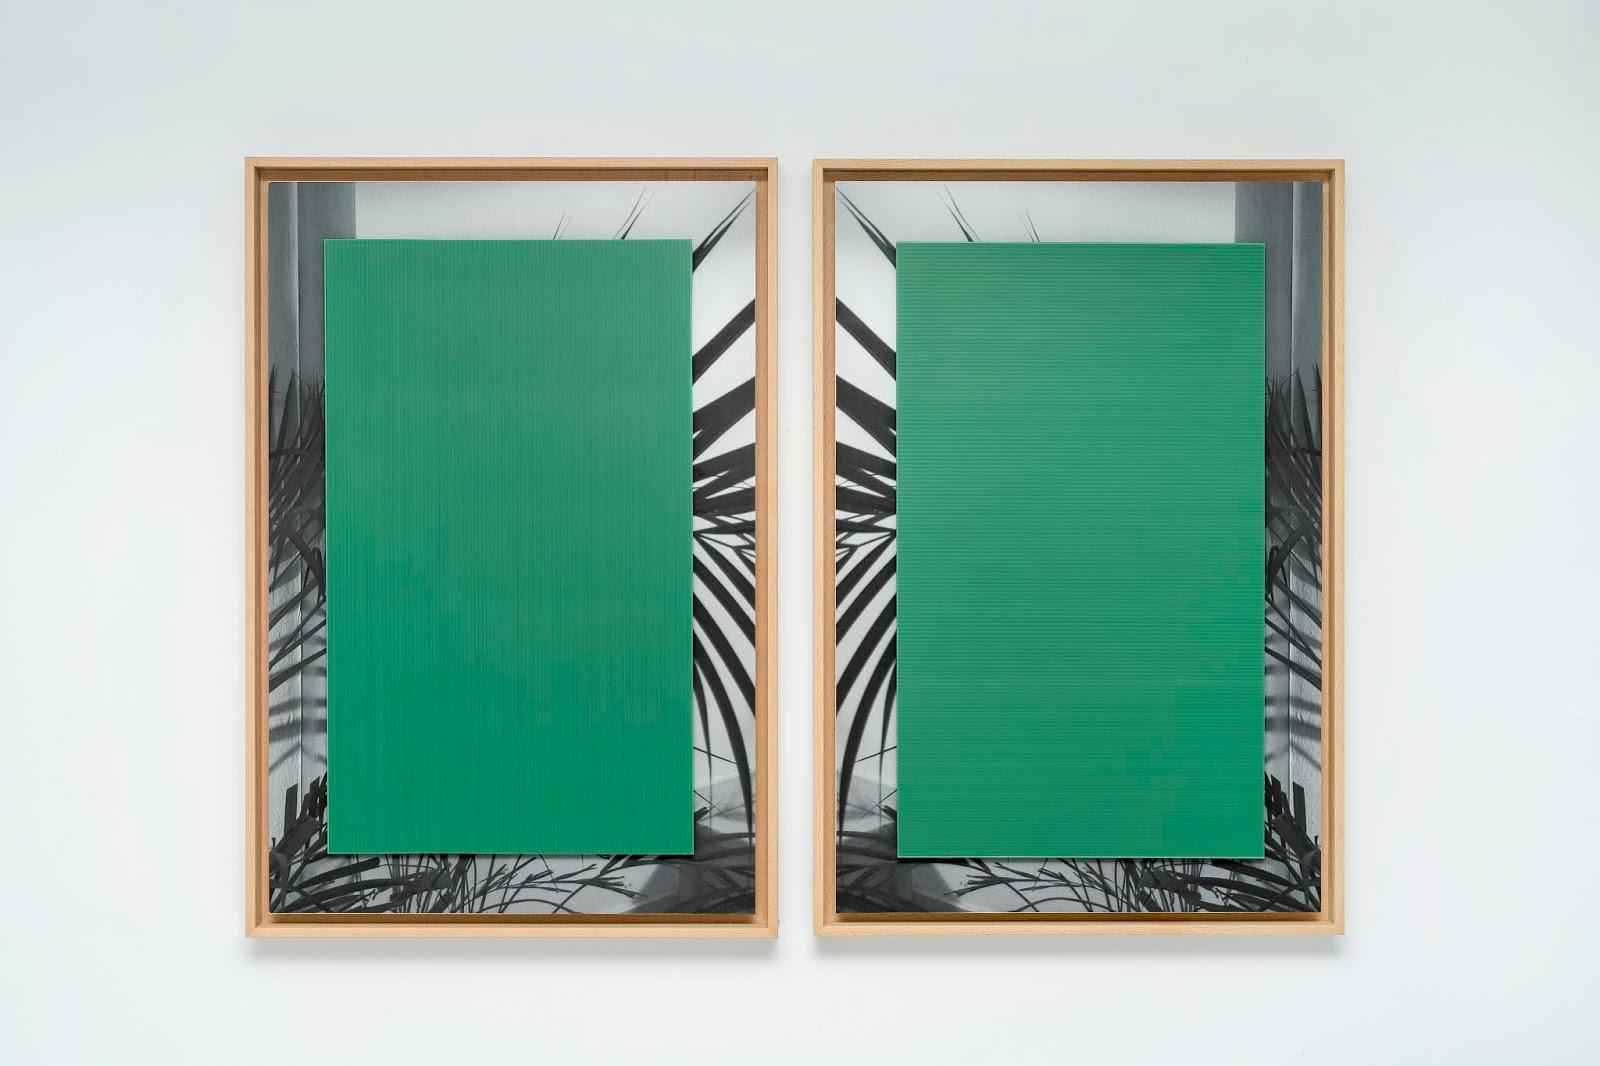 Panorama #03 at Galeria Fran Reus / Palma de Mallorca